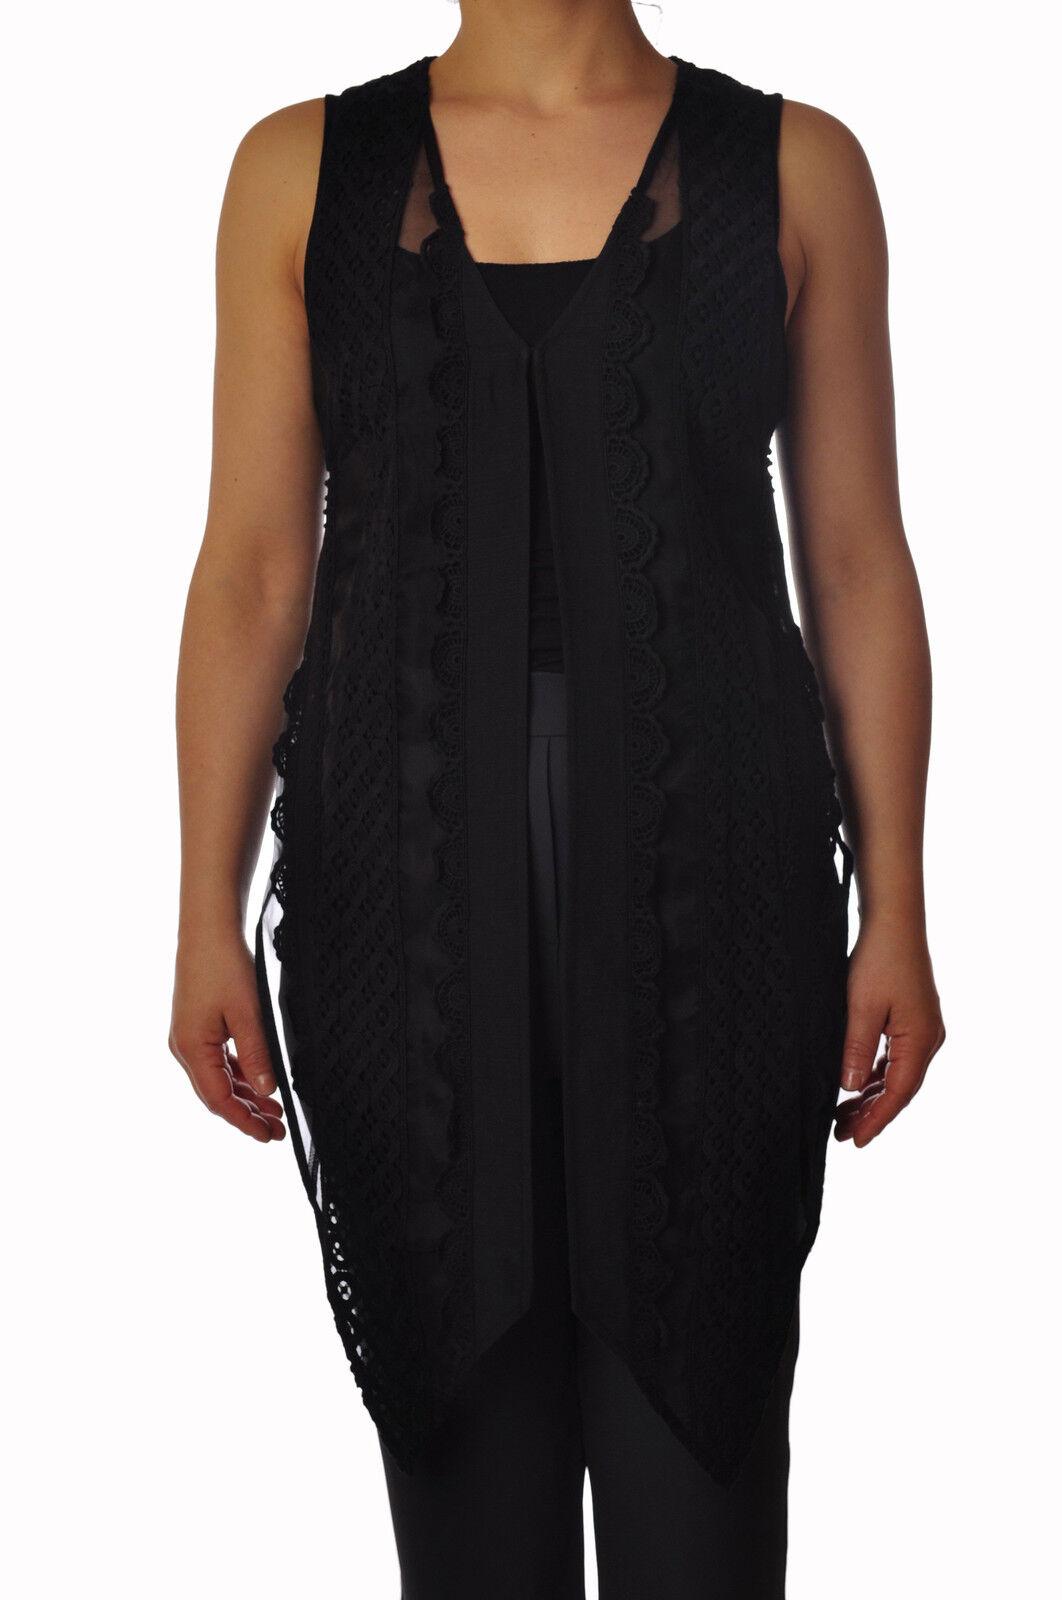 Twin Set  -  Chaleco - Mujer  - Negro - 3688026A183928  marca en liquidación de venta